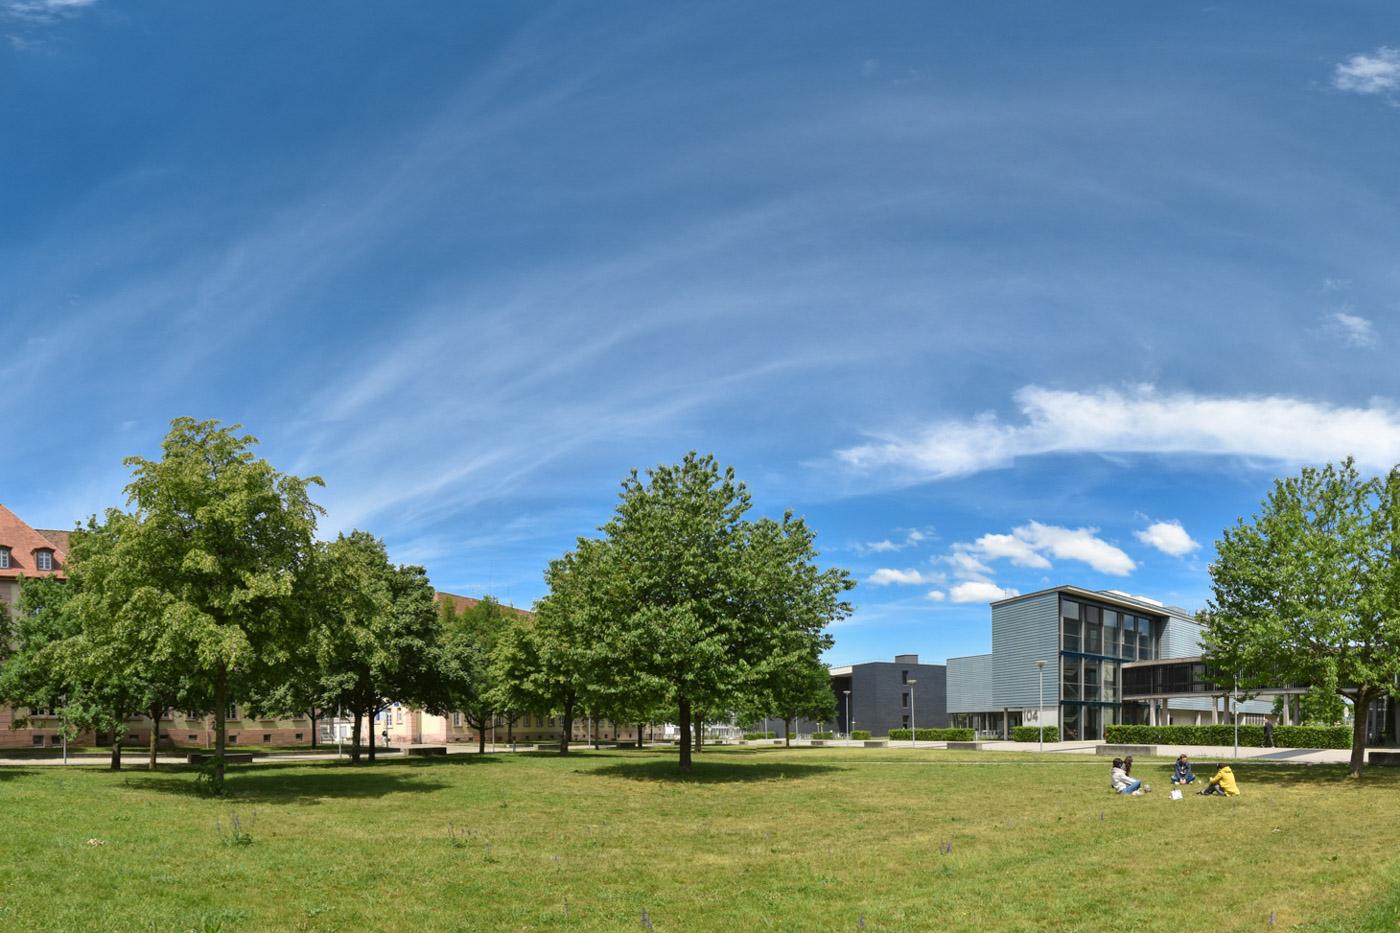 Grüner Campus in Technischer Fakultät